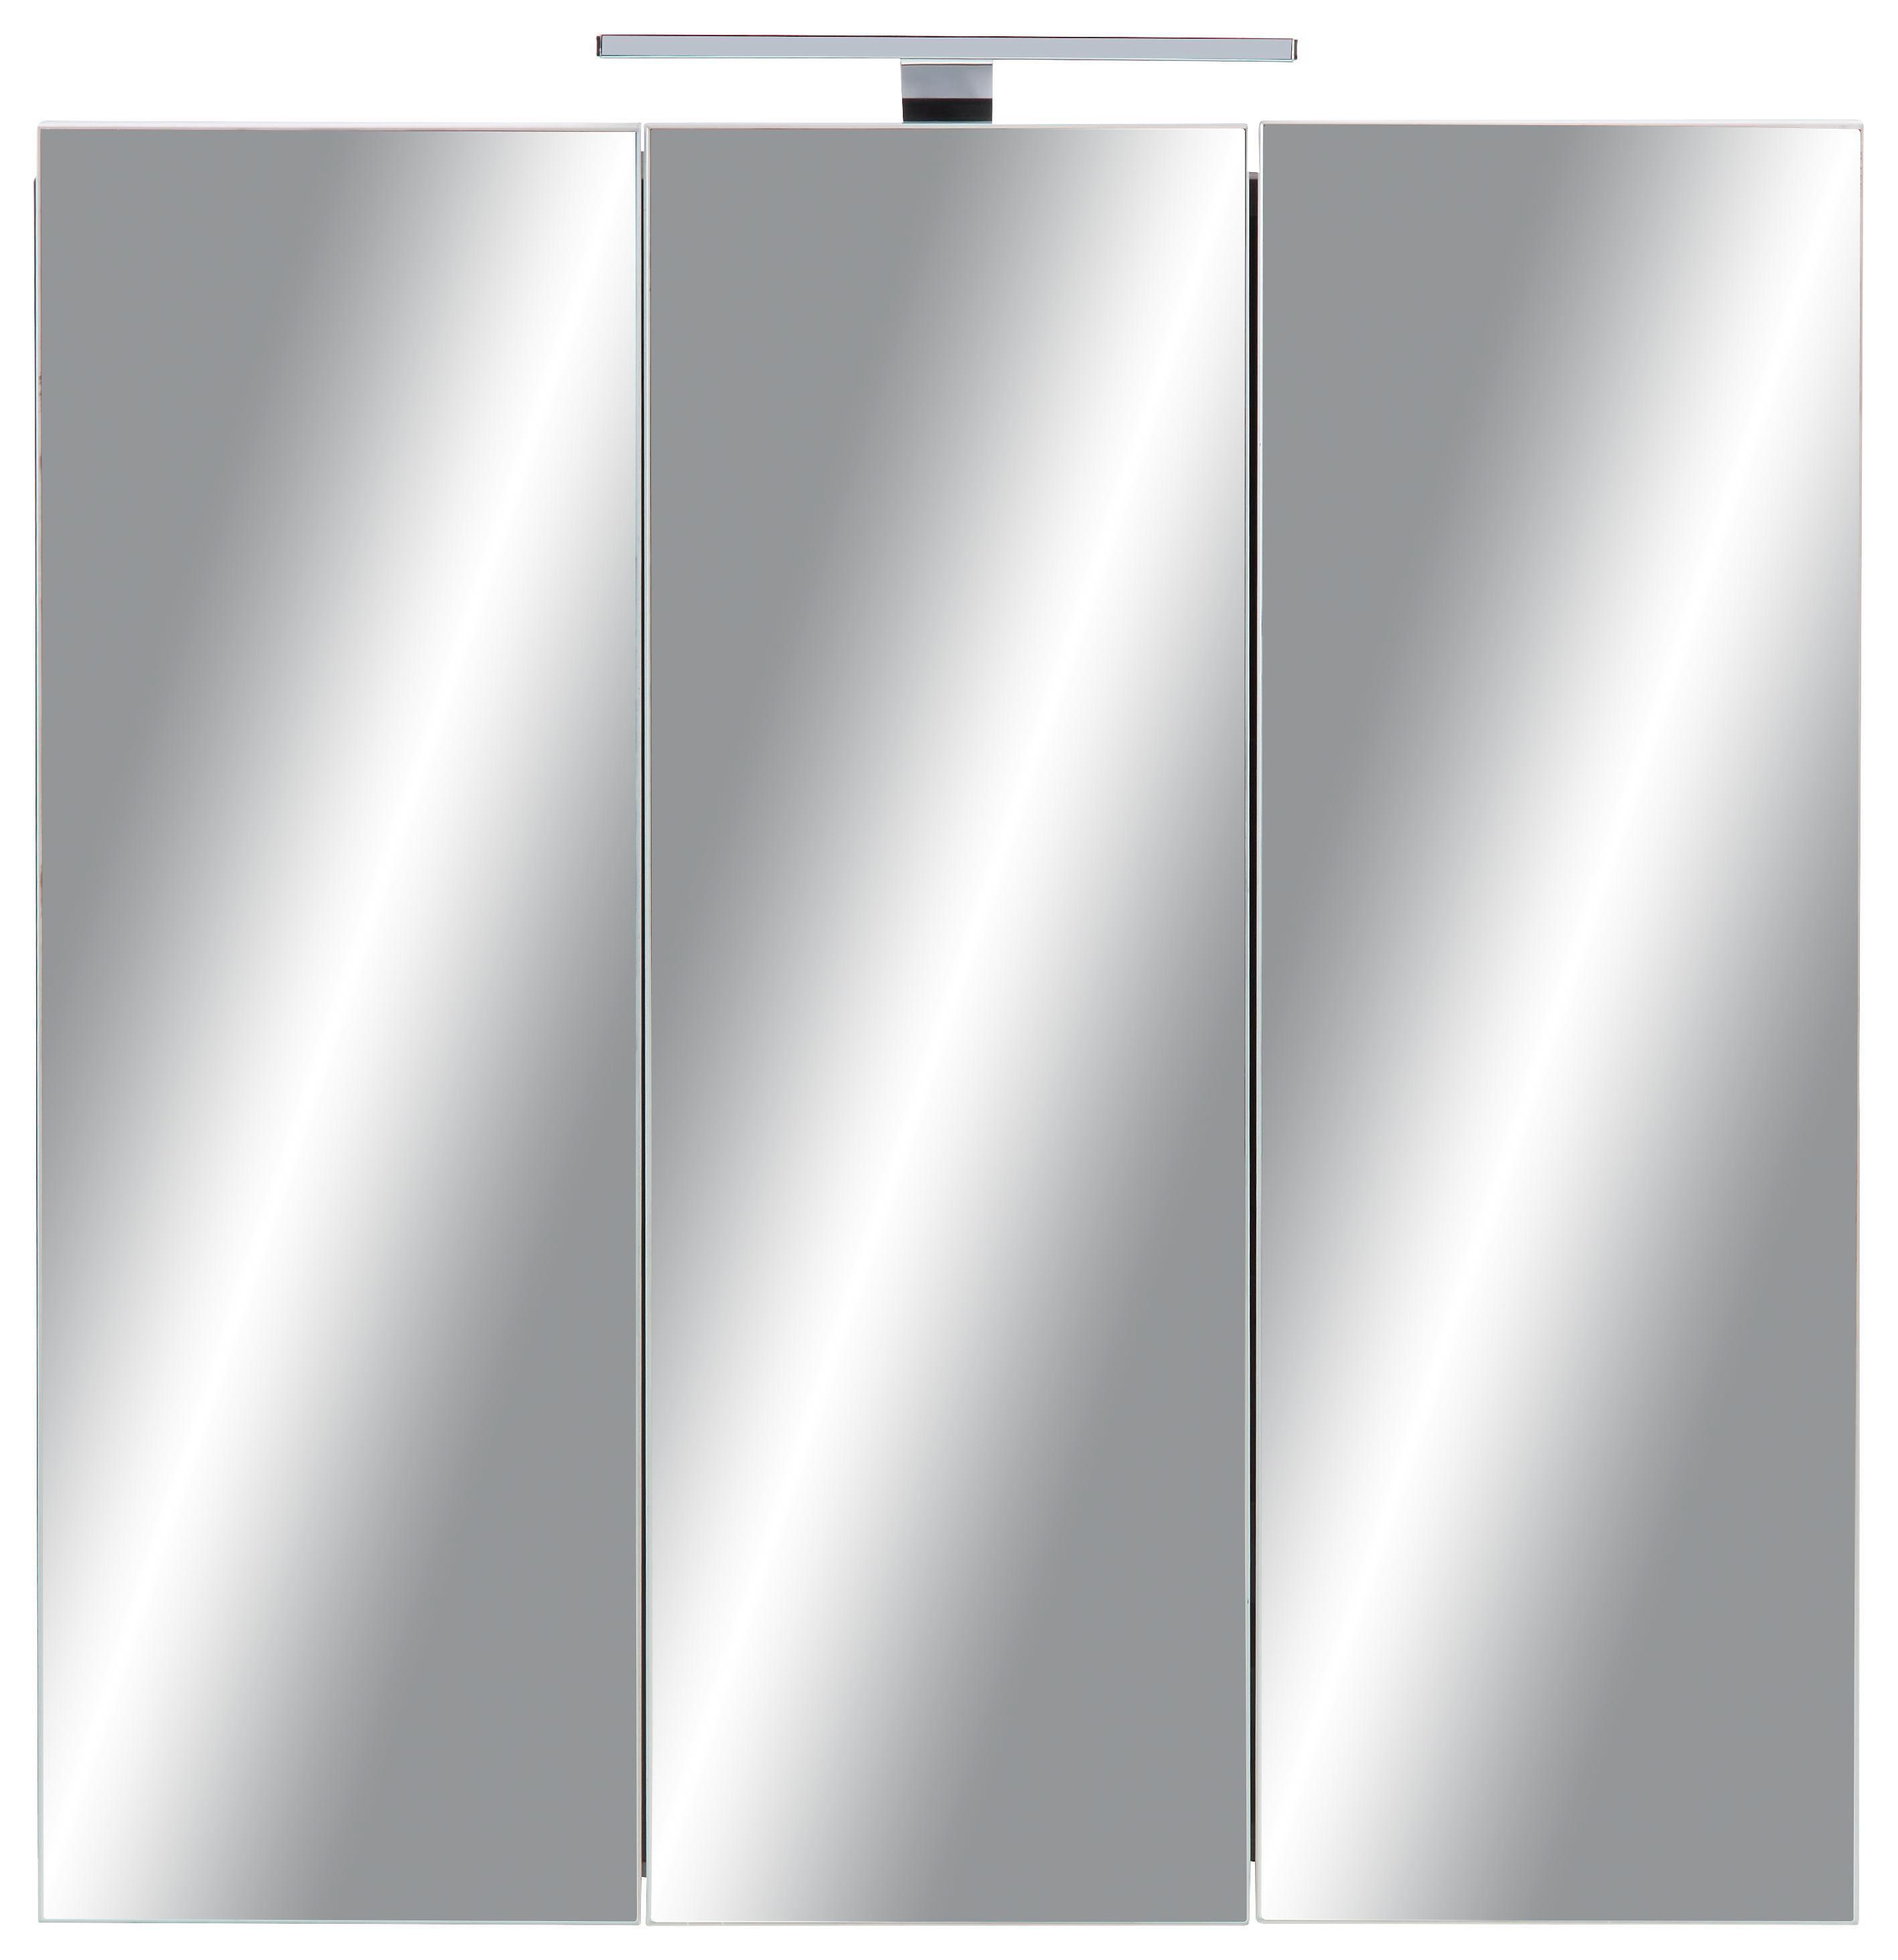 Mömax Badezimmer Schrank: Spiegelschrank Dunkelgrau Online Kaufen Mömax